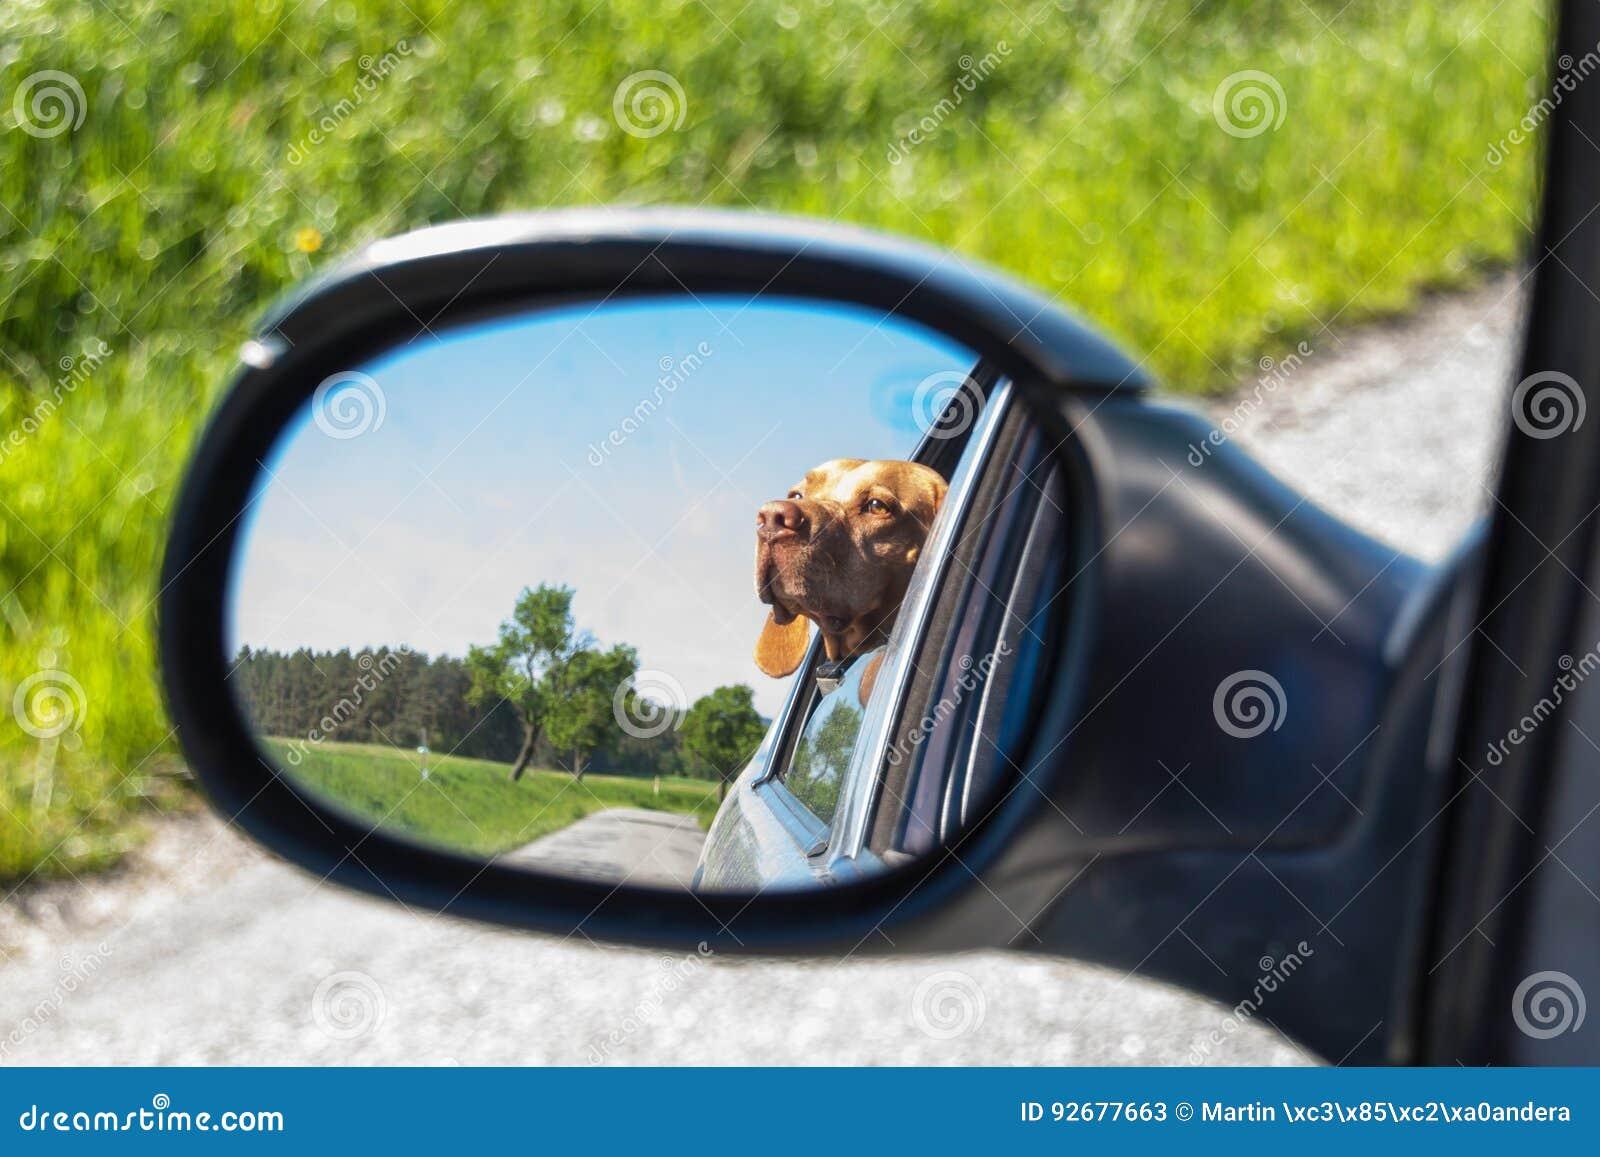 Widok pies w rearview lustrze samochód Psi przyglądający out samochodowy okno Węgierski pointer Vizsla